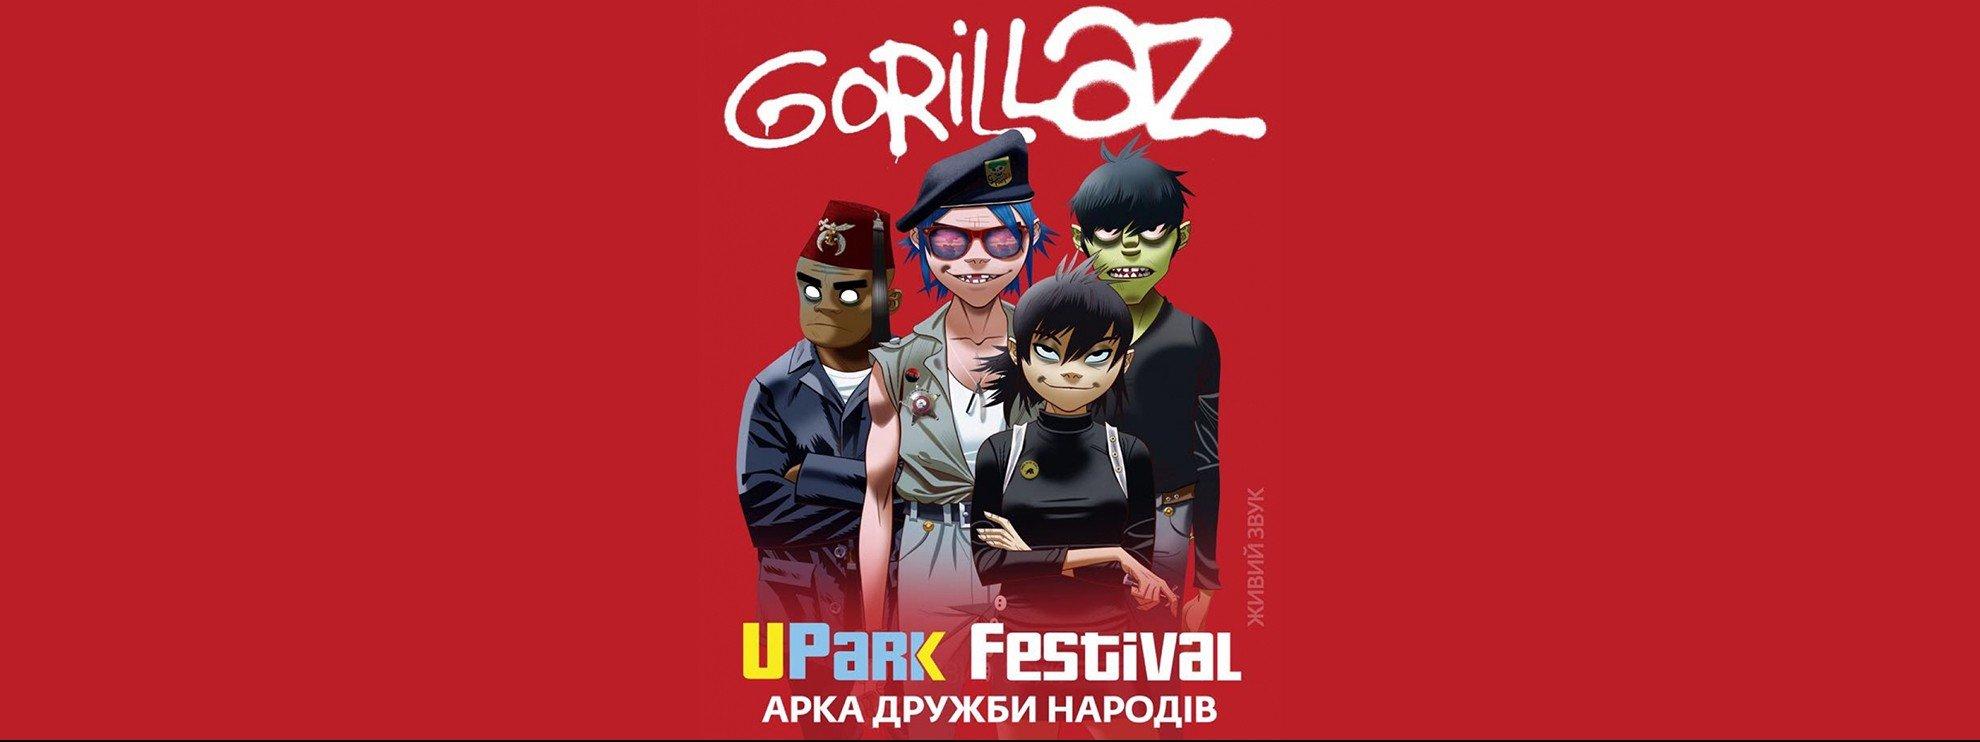 виконавець Gorillaz (Горіллаз)